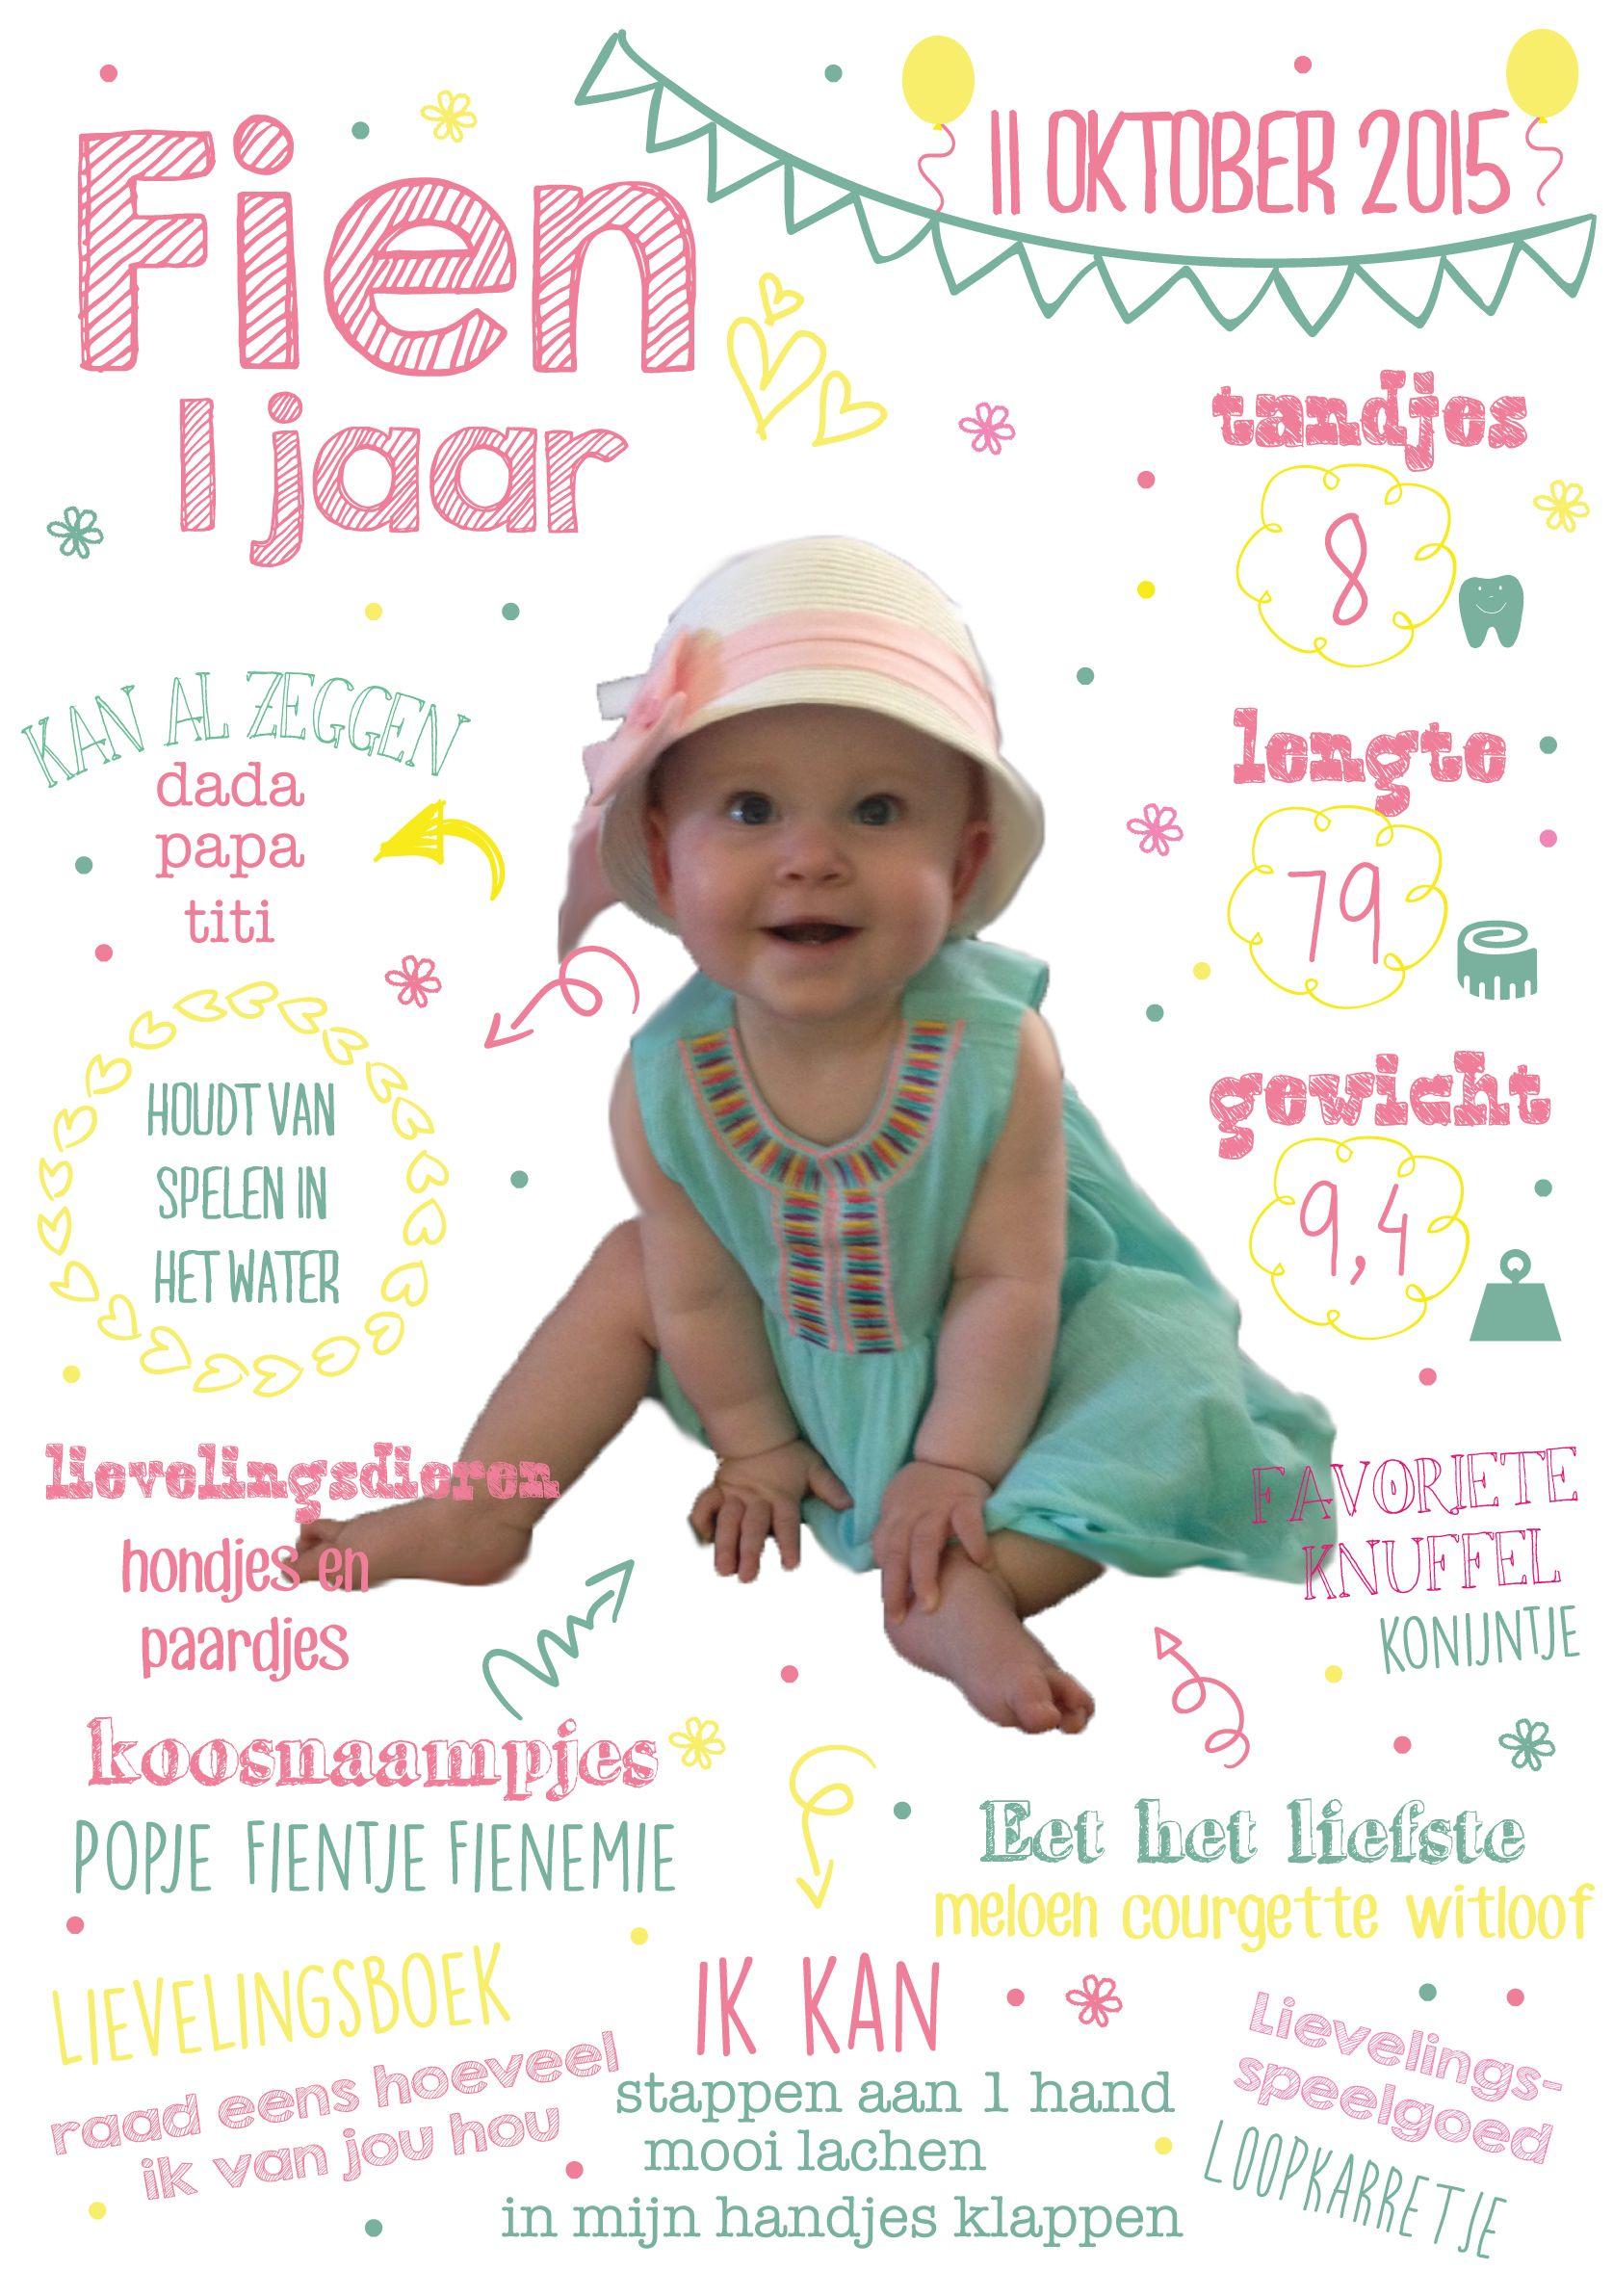 uitnodiging baby 1 jaar eerste verjaardag 1 jaar foto meisje feest uitnodiging uniek  uitnodiging baby 1 jaar